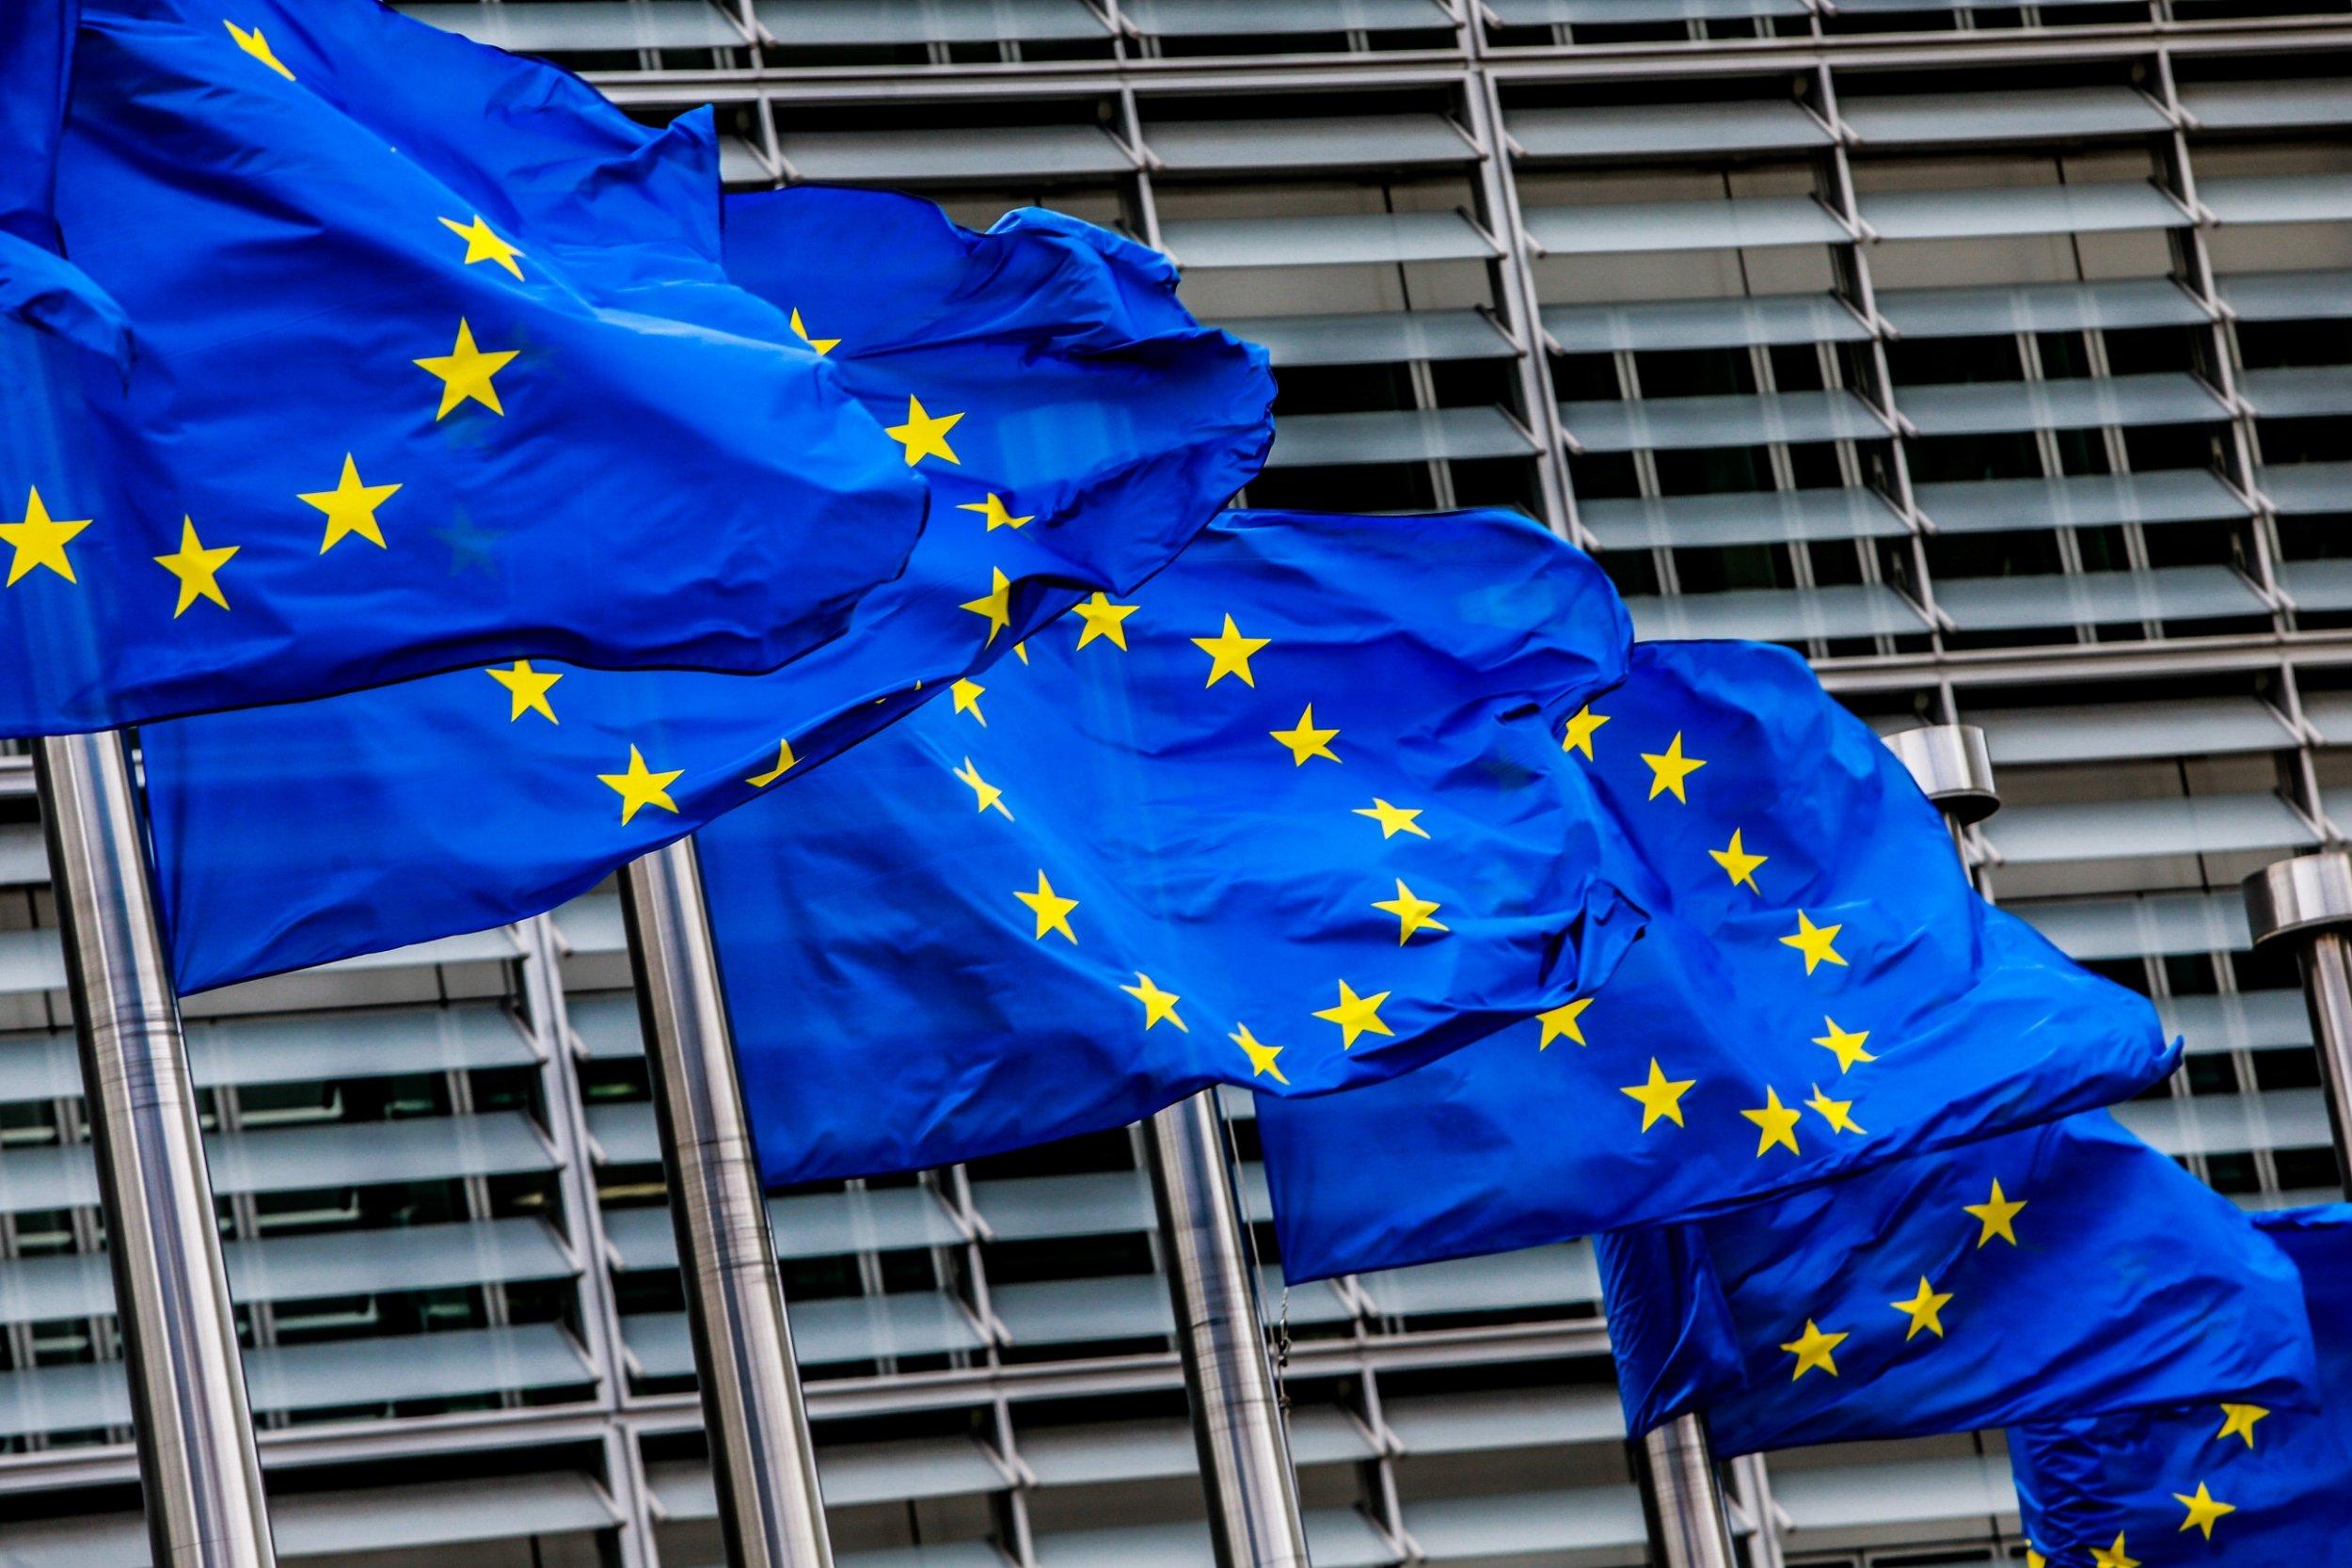 Vendimi i BE, nuk hapen negociatat me Shqipërinë